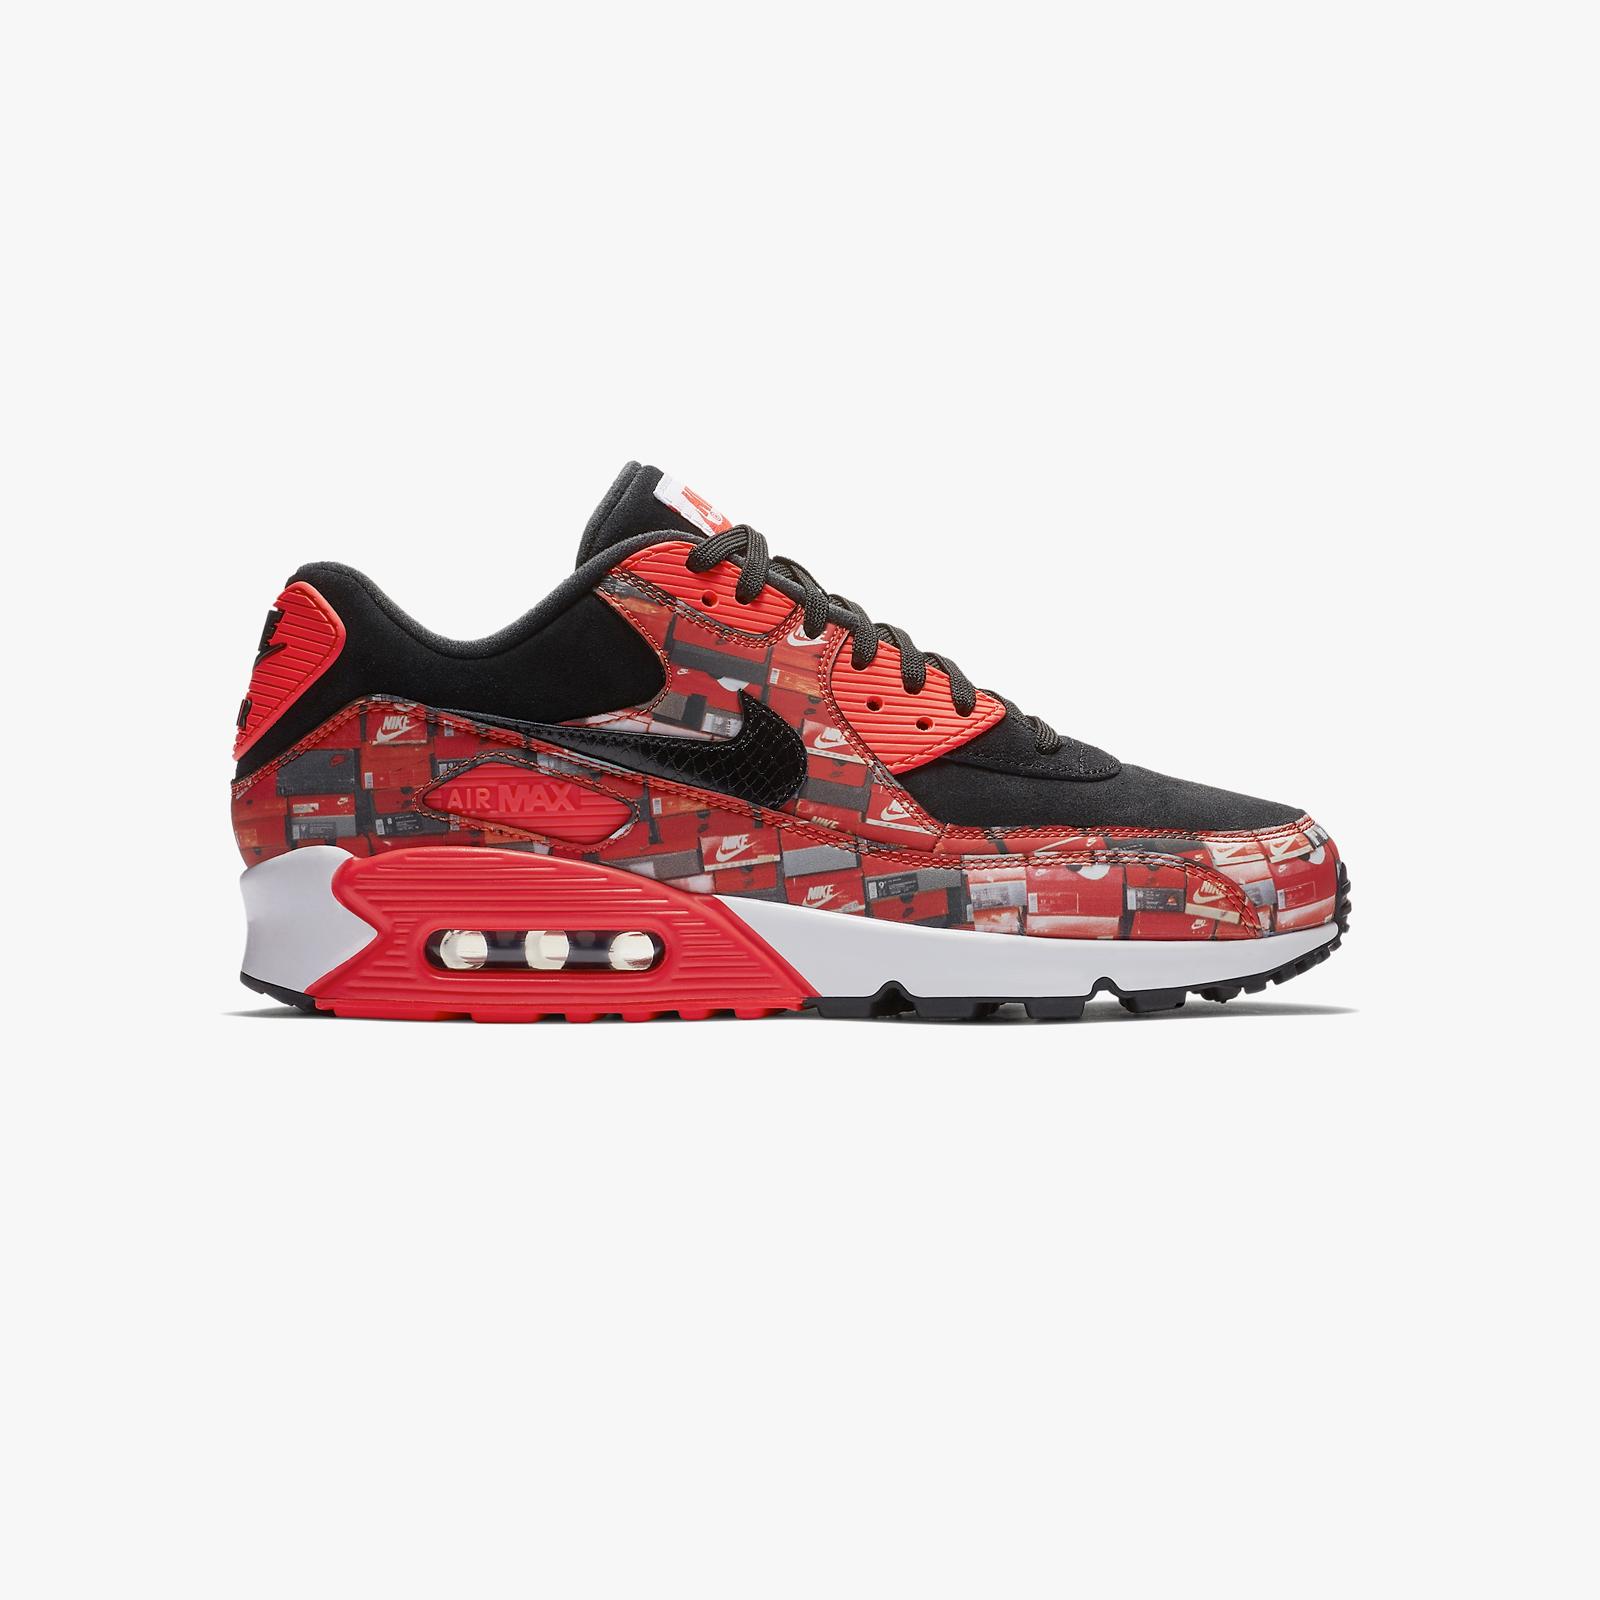 Nike Air Max 90 Print Aq0926 001 Sneakersnstuff I